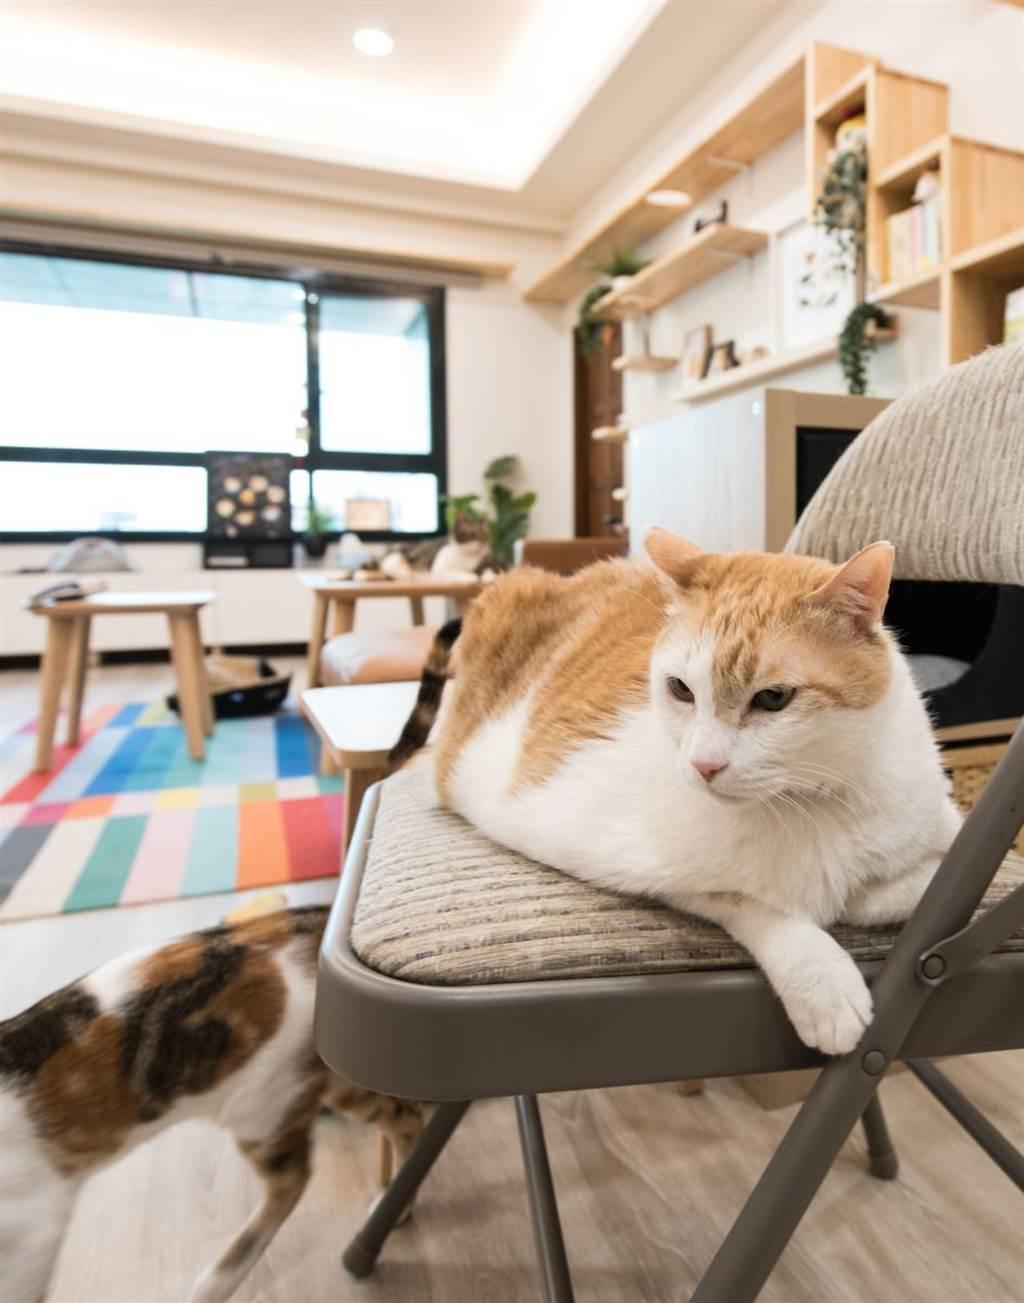 養貓的家庭盡量選擇高樓層的出租物件,有效避免野貓叫聲對家貓產生的影響。發摟《黃阿瑪的後宮生活》看貓咪們的新後宮生活~@fumeancats